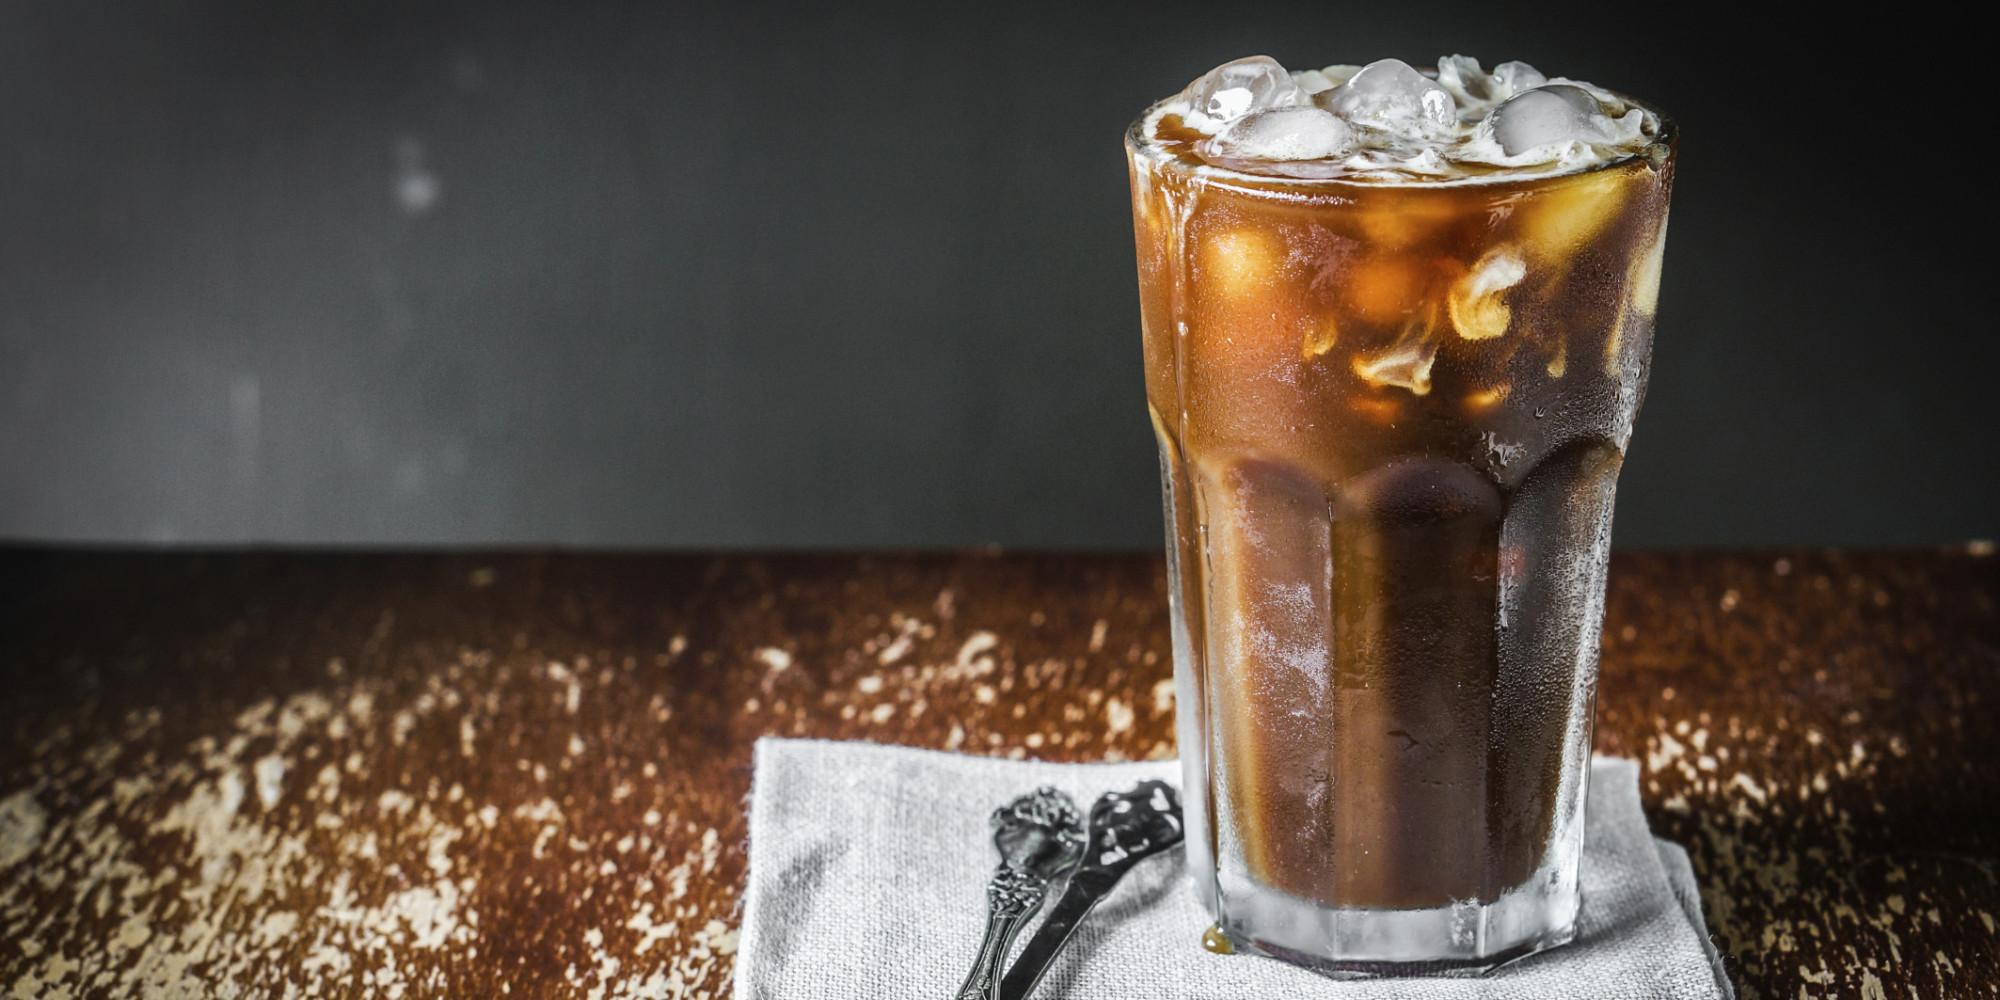 Food Recipes With Maraschino Liqueur